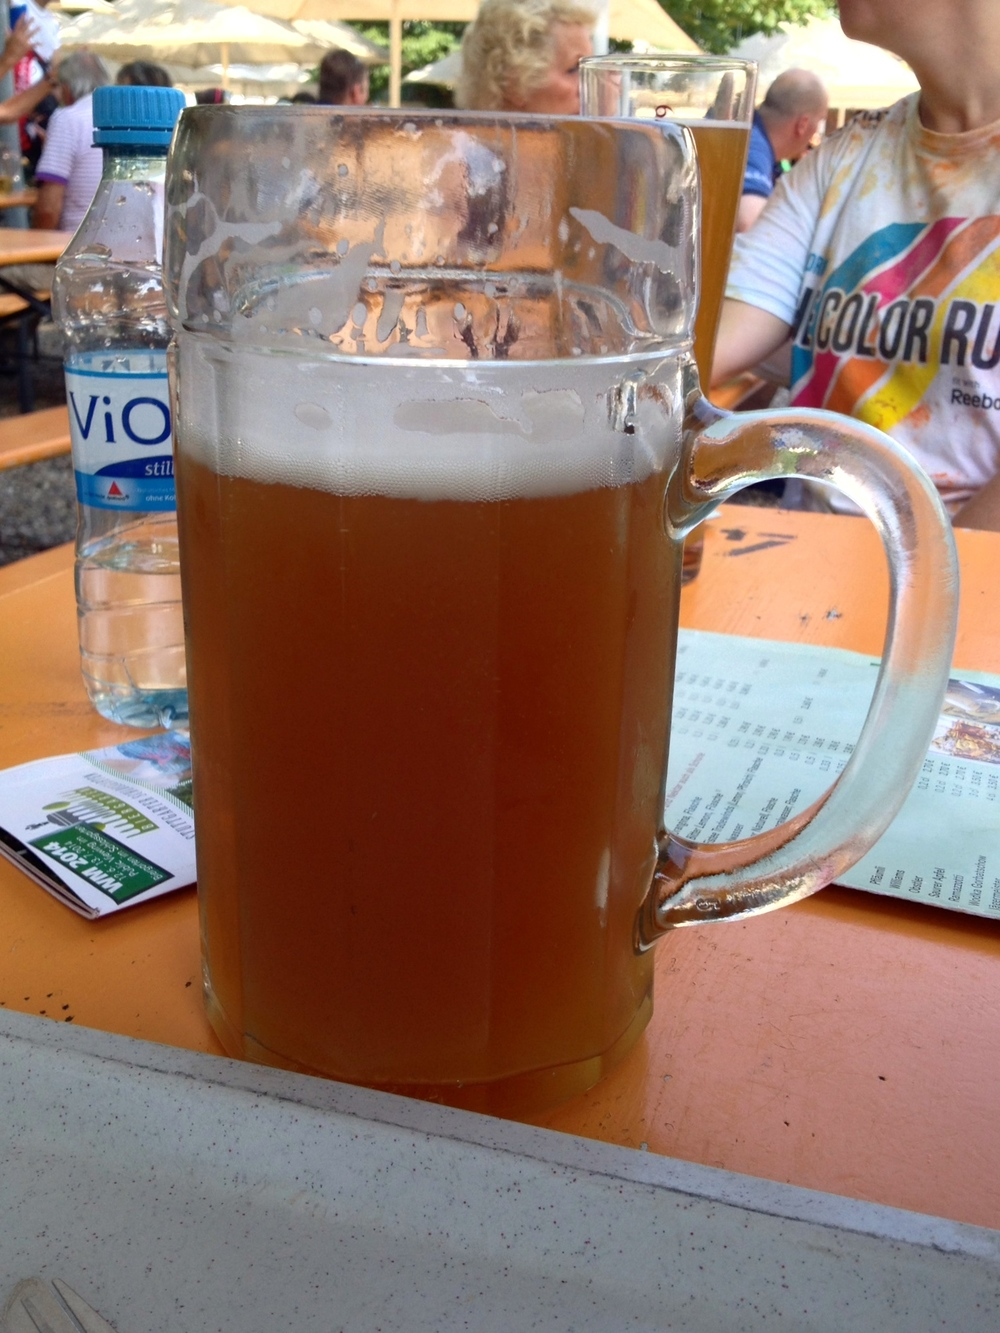 A full liter of hefeweizen